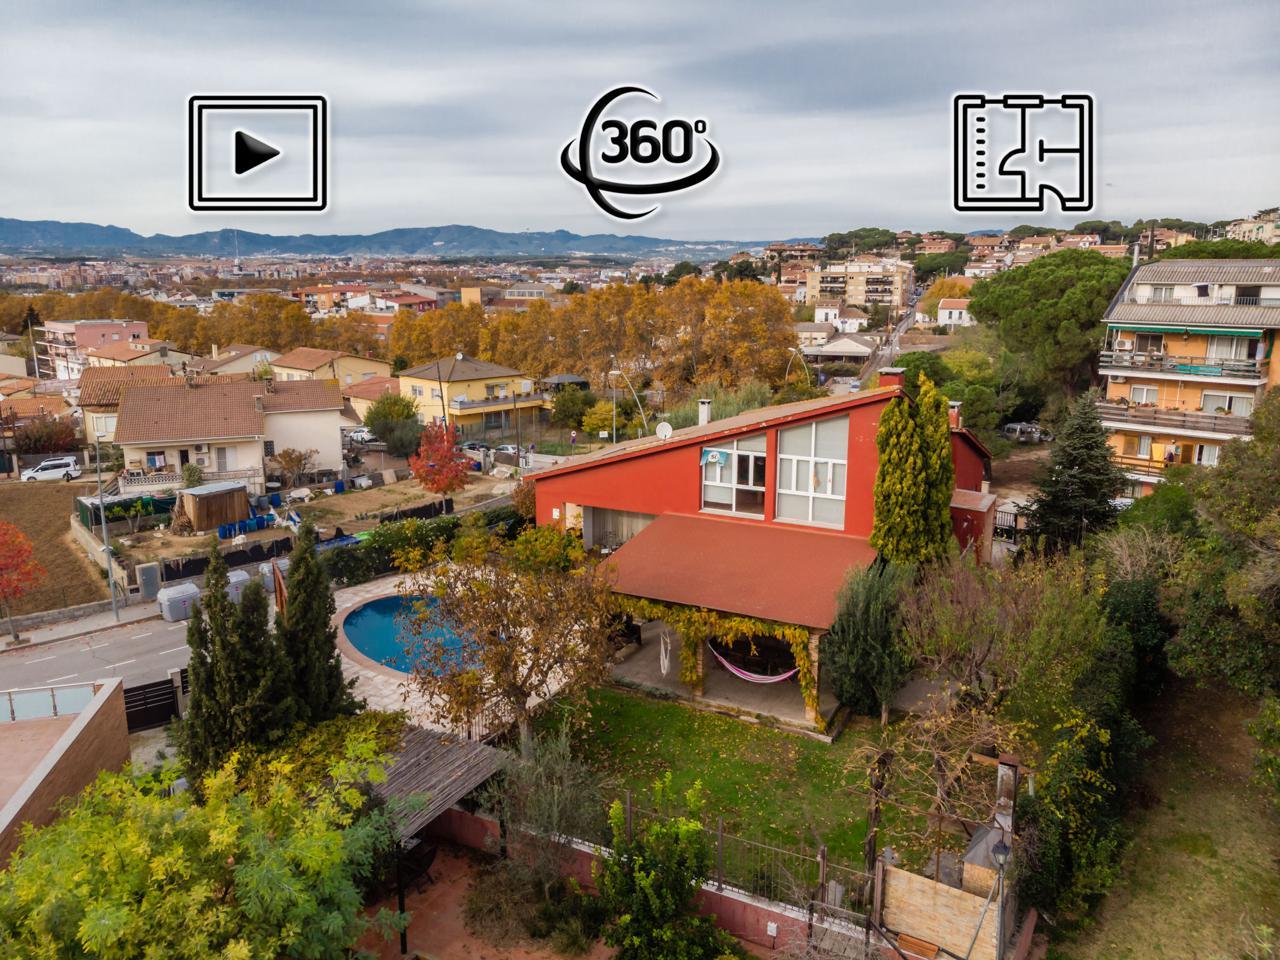 villa en sant-fost-de-campsentelles · avinguda-can-ribalta-46-08105 490000€